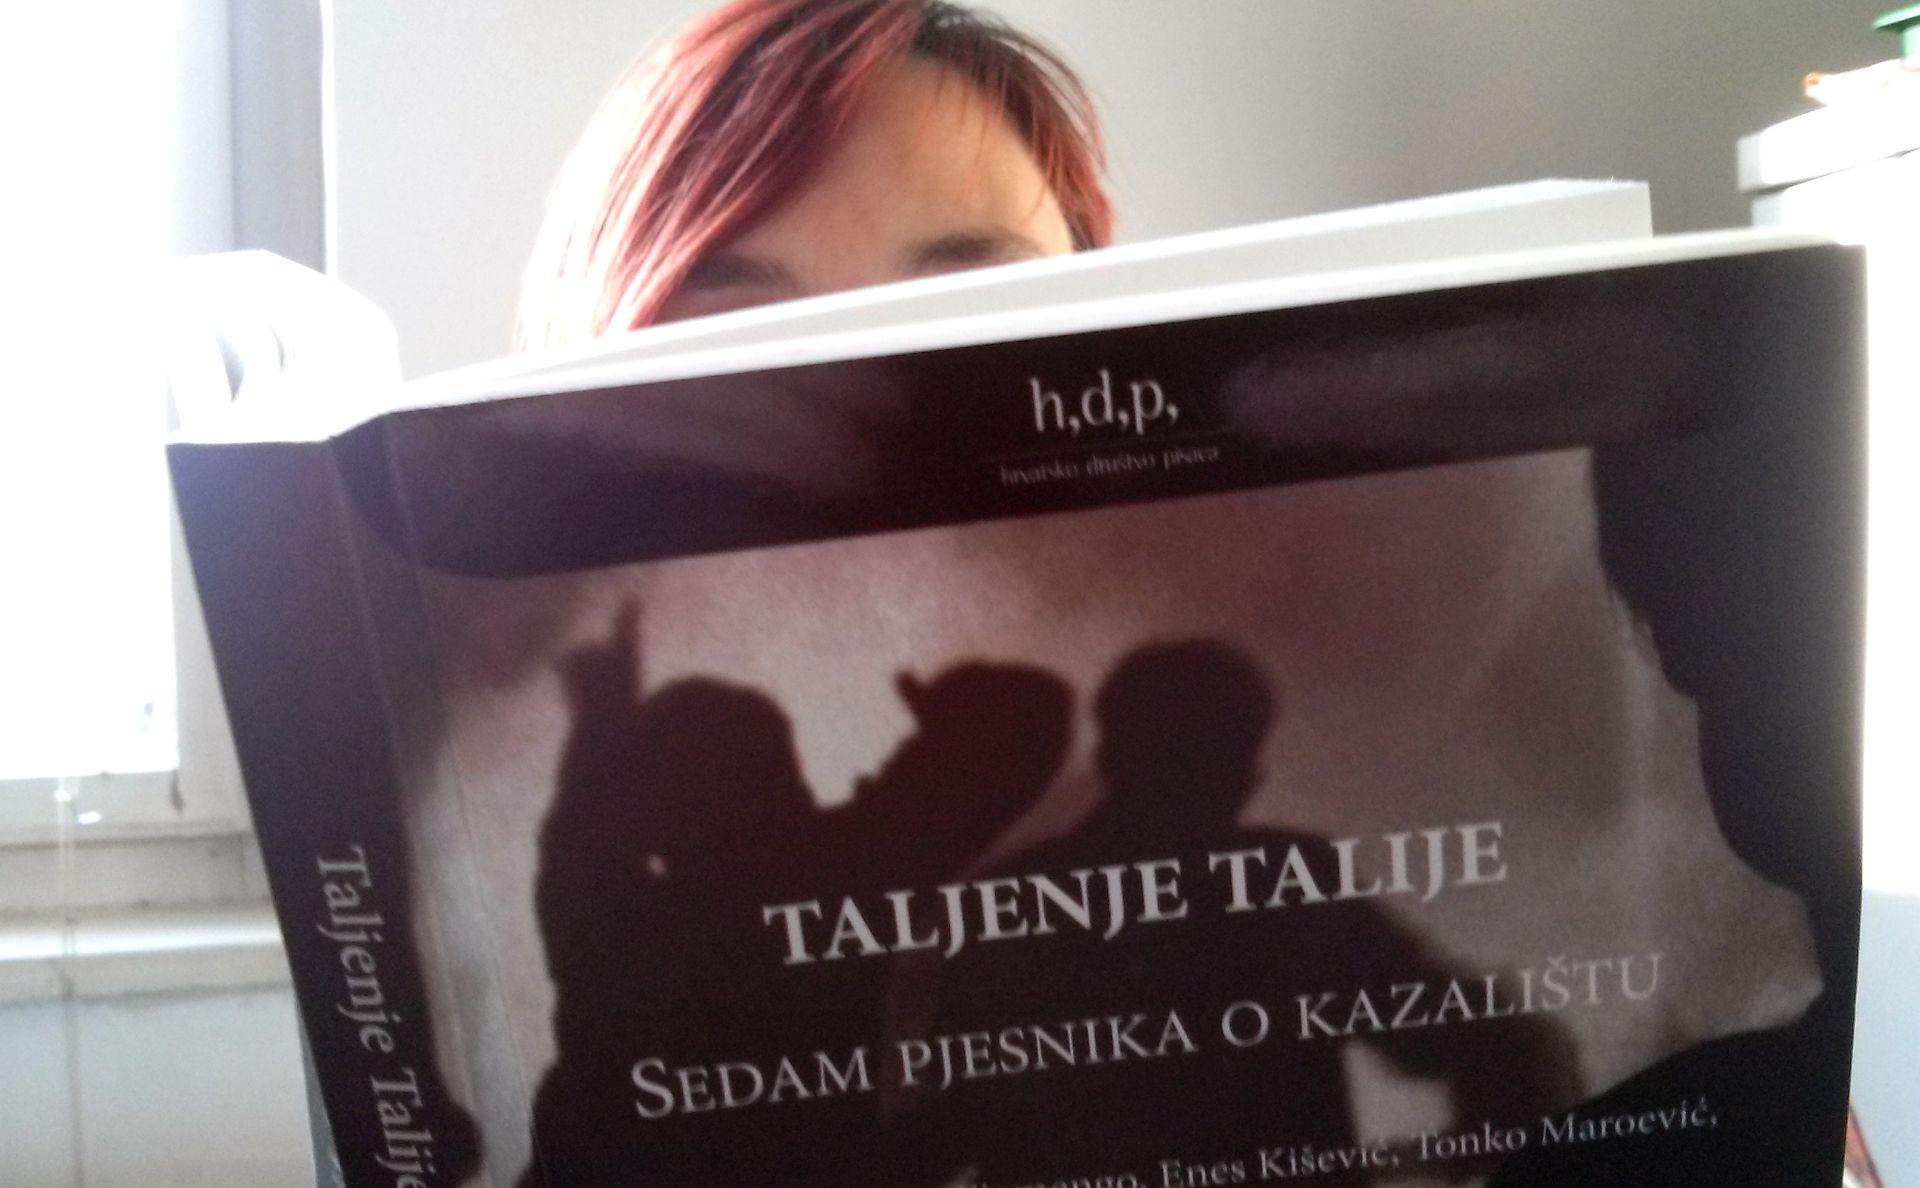 """HRVATSKO DRUŠTVO PISACA: Sedam pjesnika o kazalištu u zbirci """"Taljenje Talije"""""""